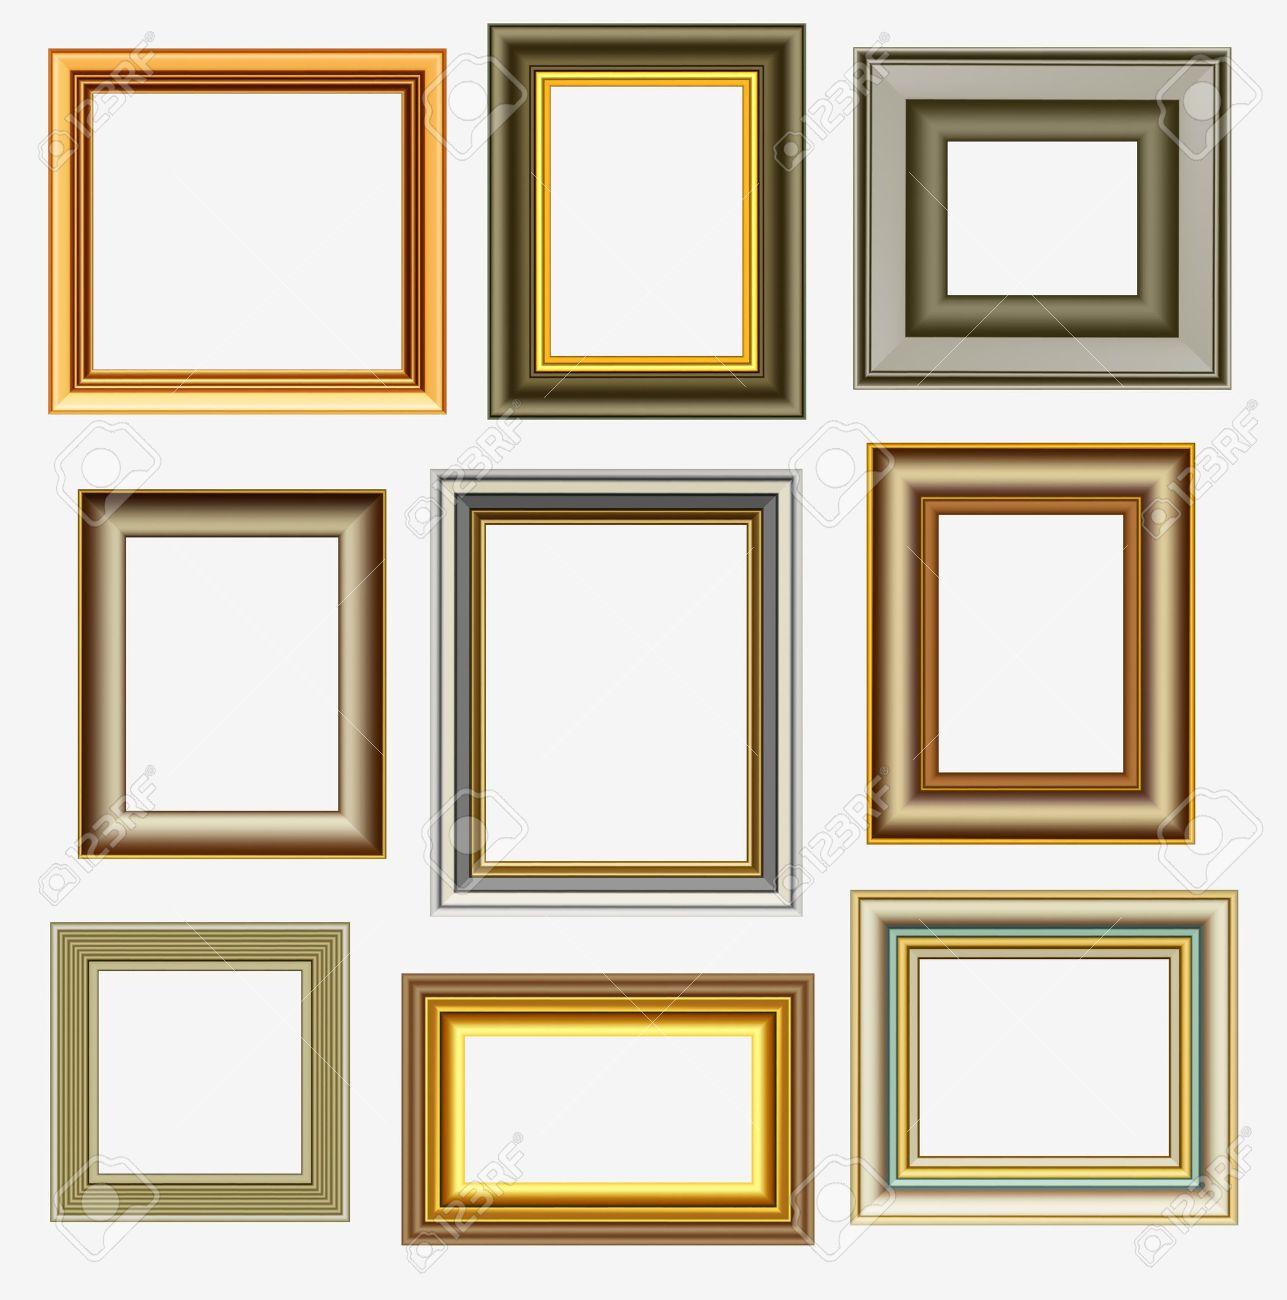 galeria de fotos marcos para cuadros vectores